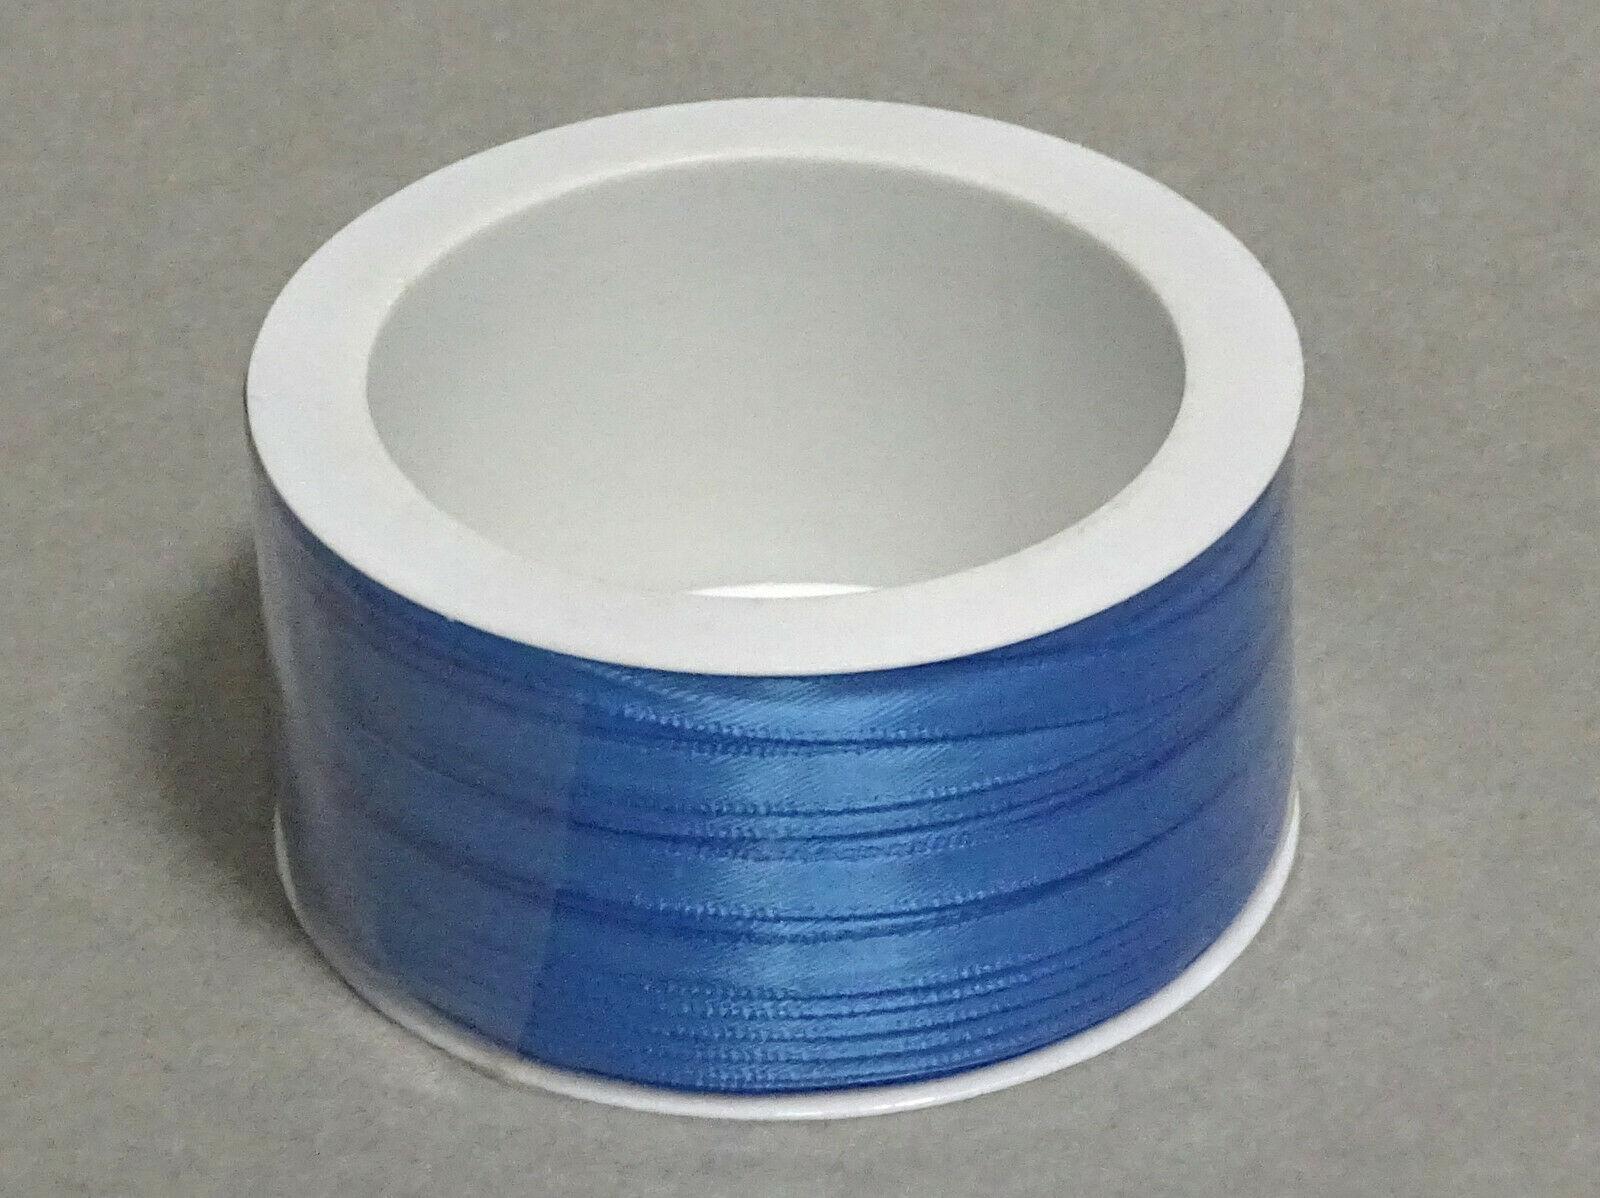 Satinband Schleifenband 50m x 3mm / 6mm Dekoband ab 0,05 €/m Geschenkband Rolle - Mid Blue 754, 6 mm x 50 m